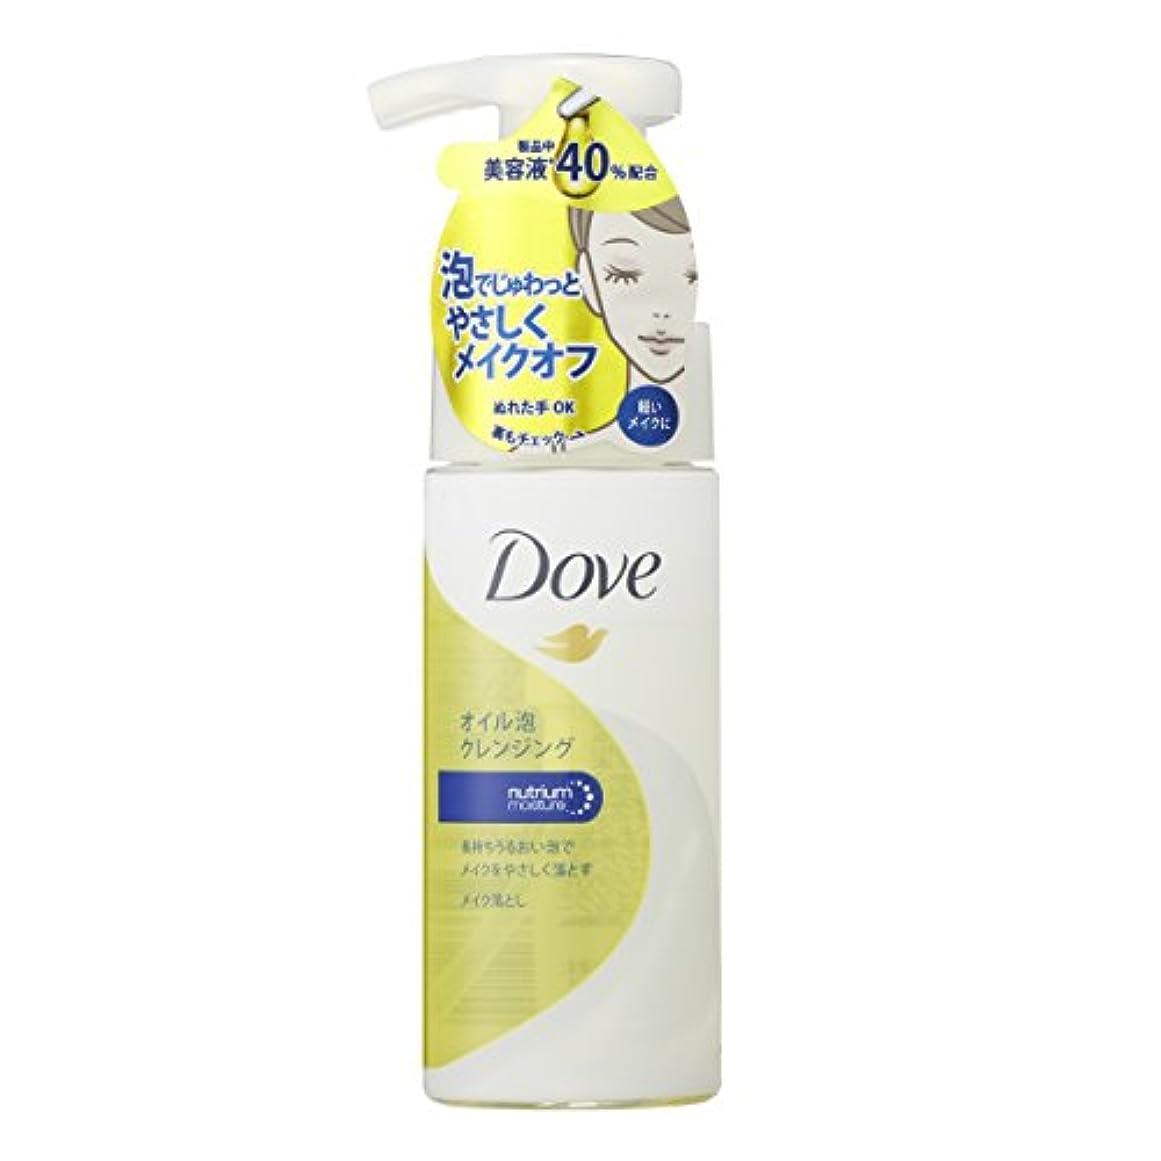 挑む借りている新しい意味Dove ダヴ オイル 泡クレンジング 135ml